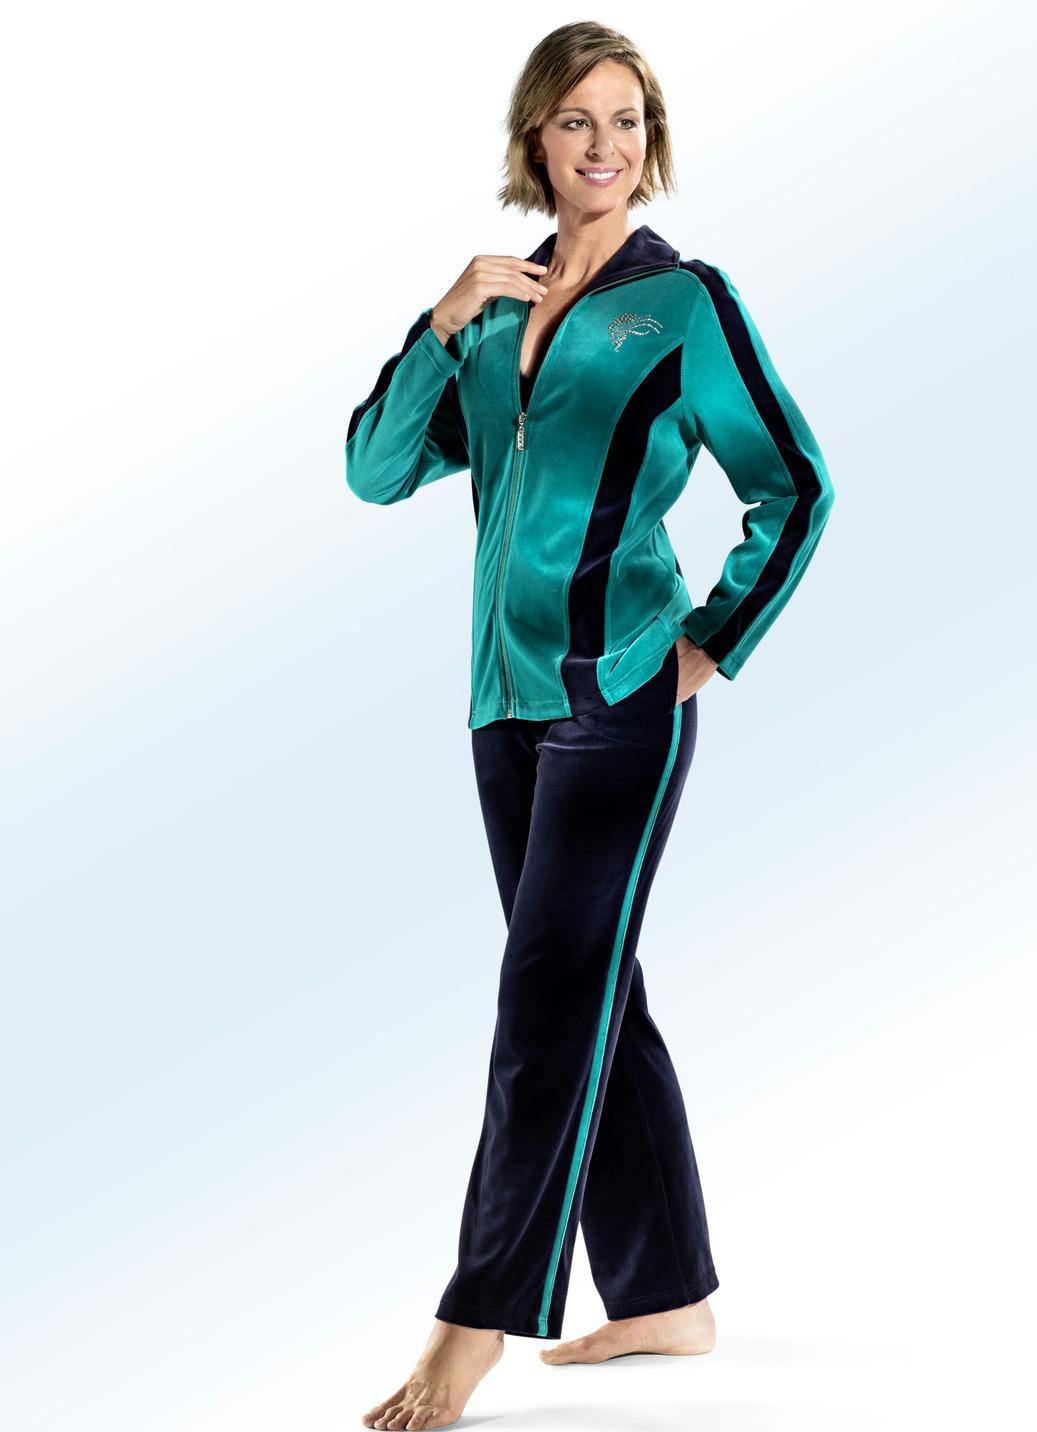 Hausanzug von COMODO mit Strasssteinzier Smaragd-Marine Größe 38 Damen Preisvergleich